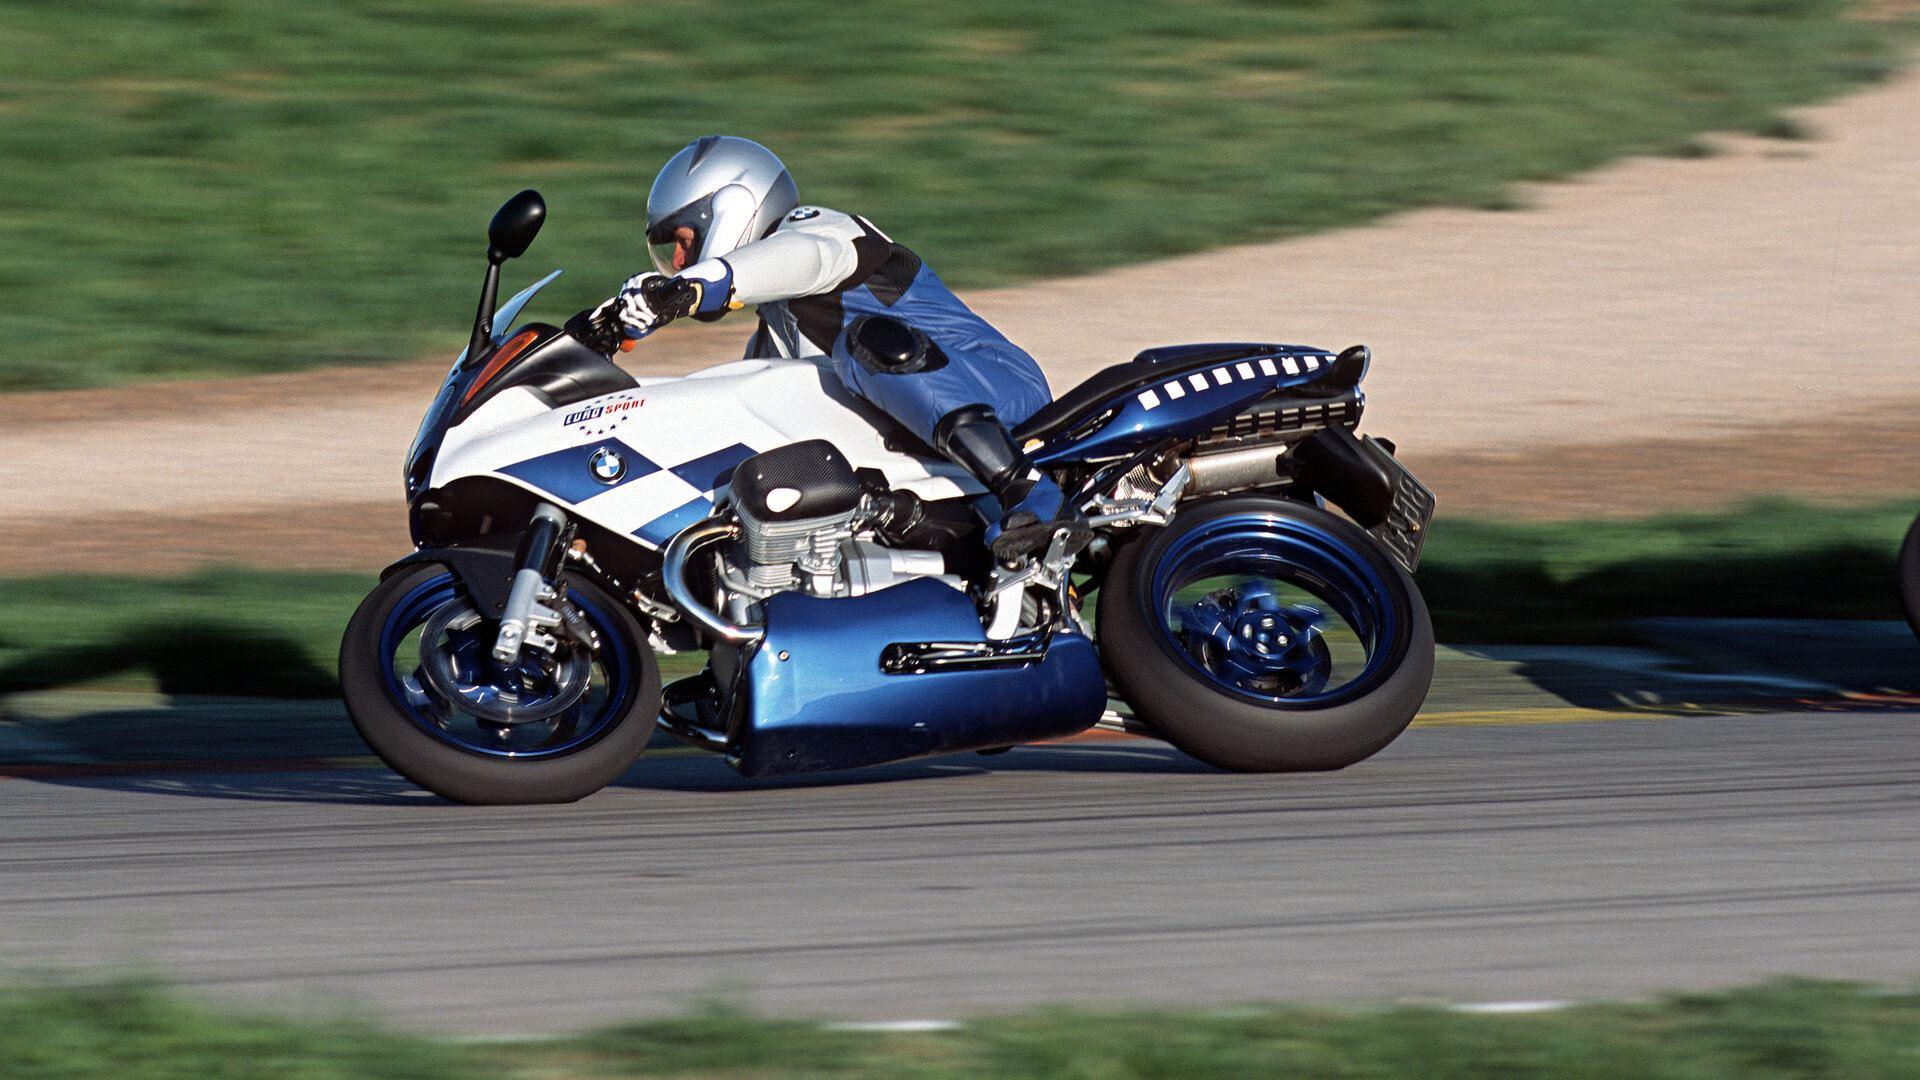 Moto del día: BMW R 1100 S Boxer Cup Replica